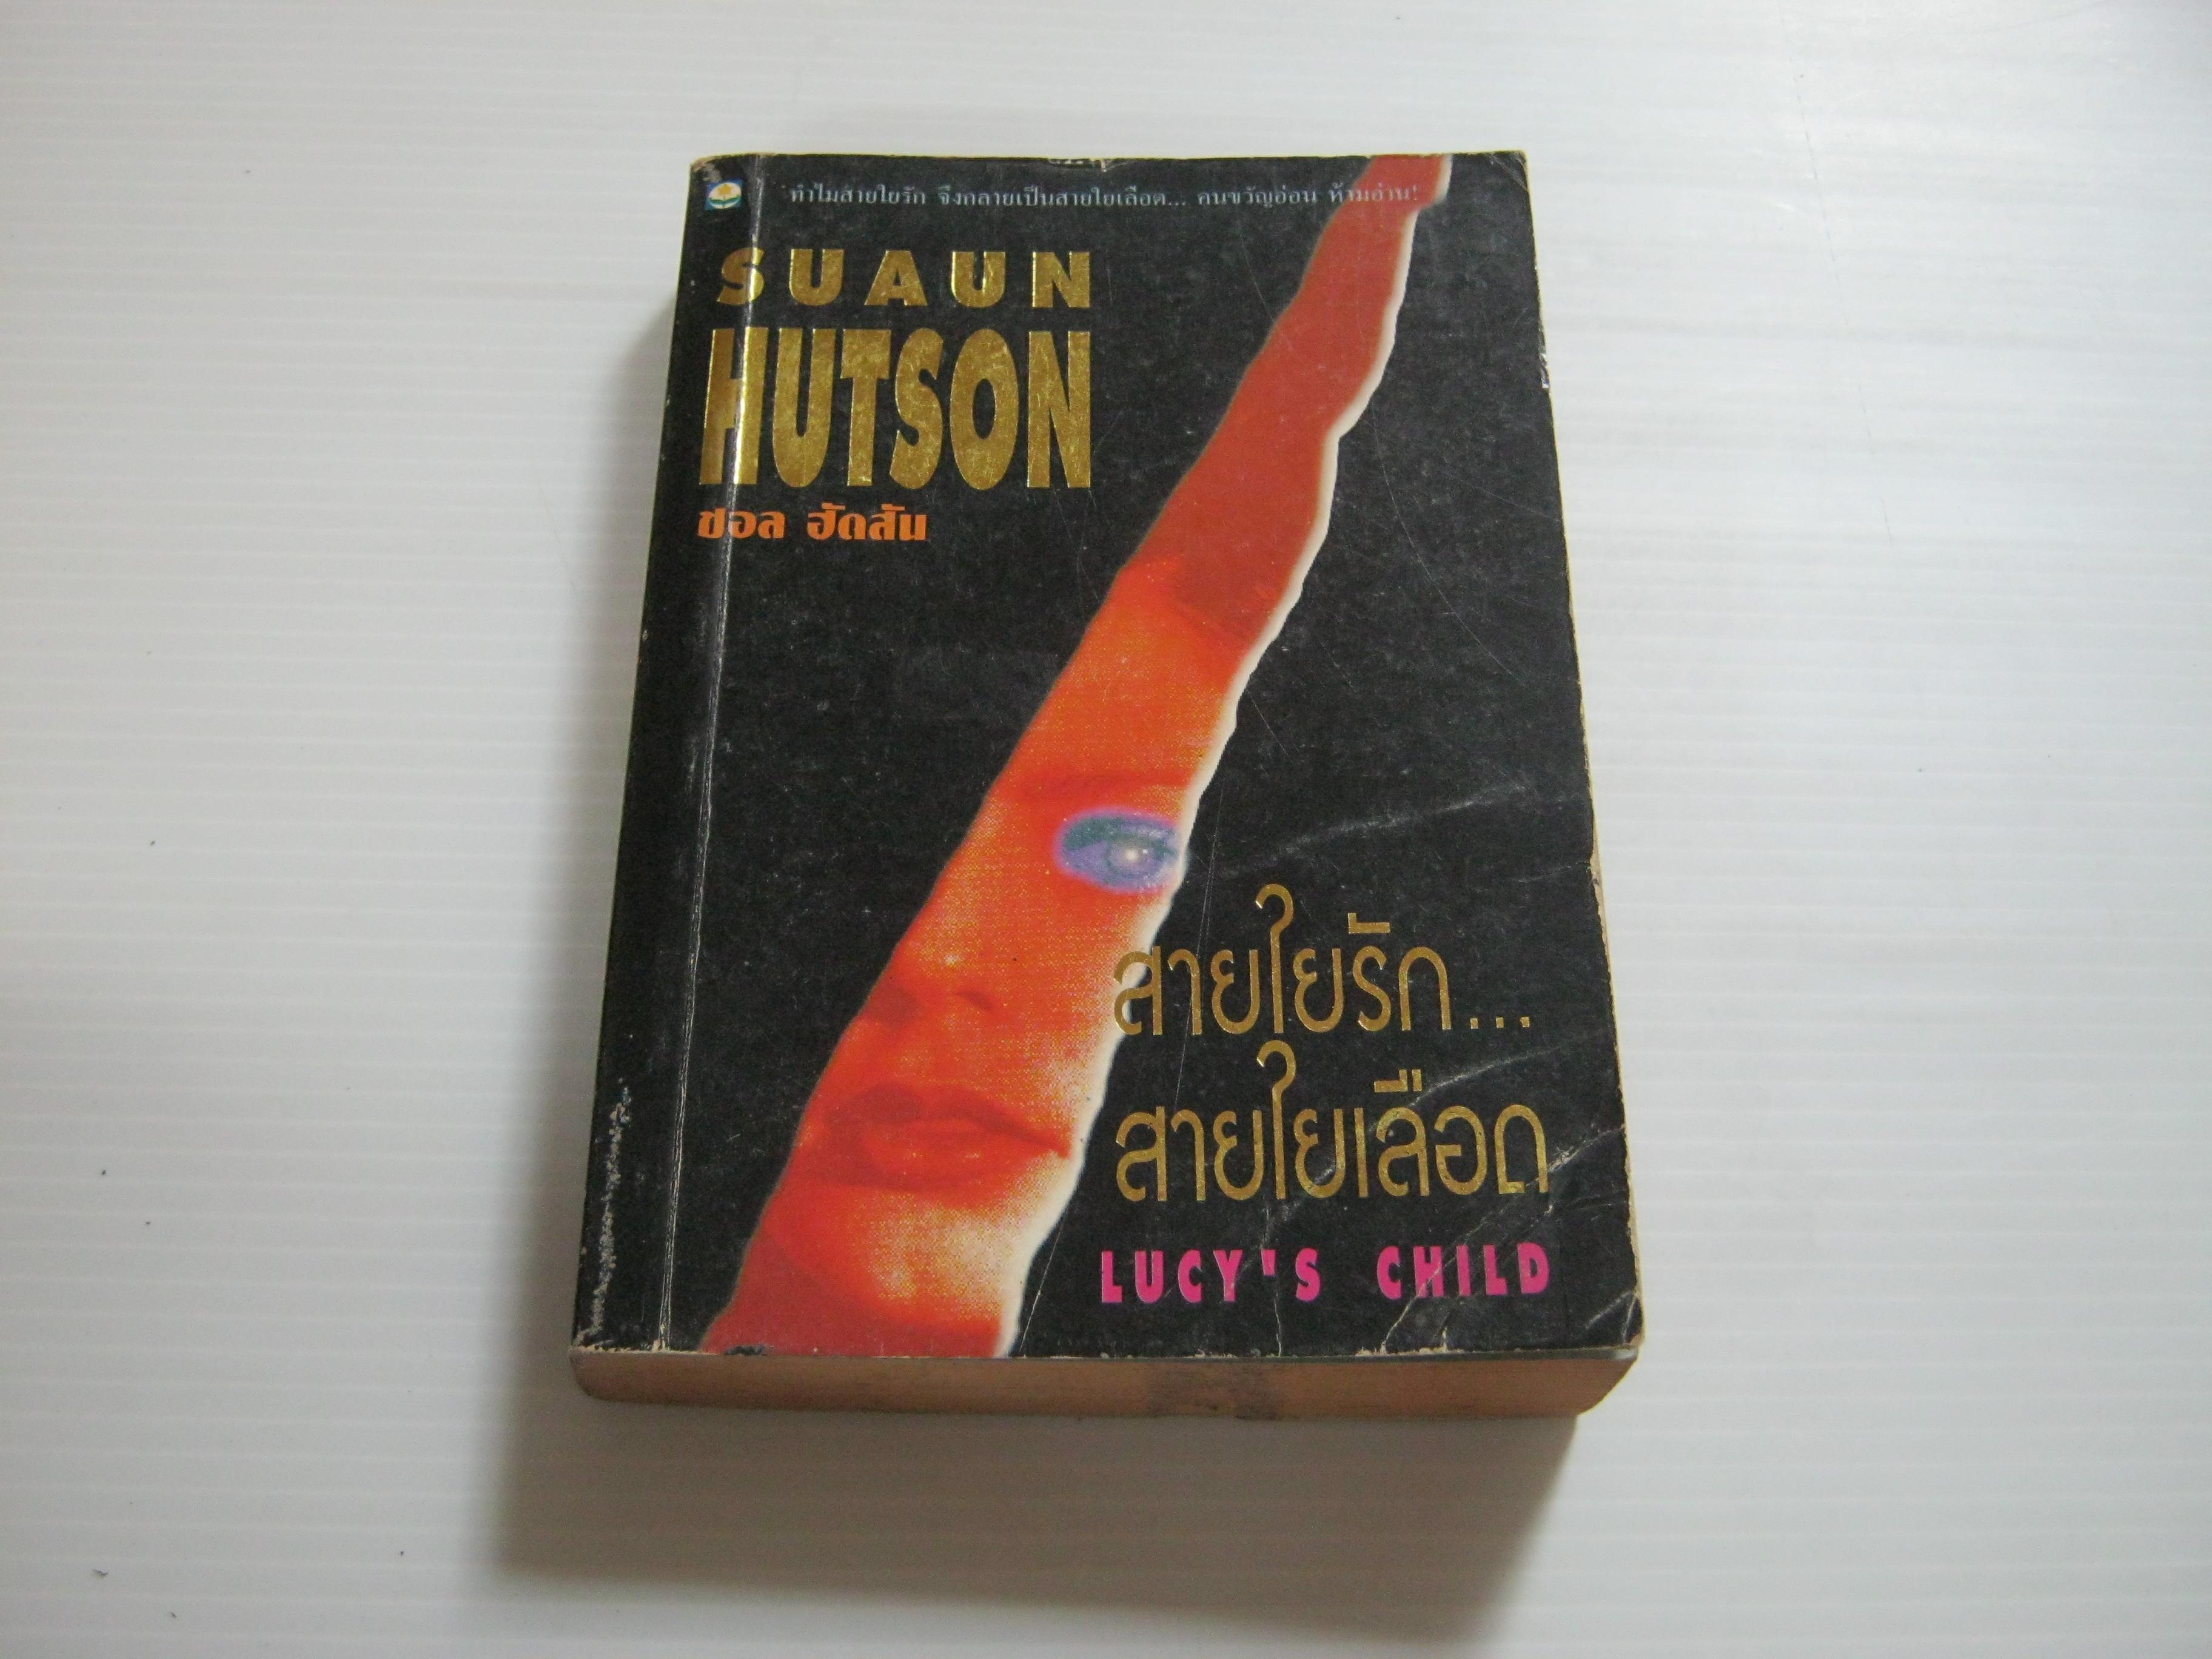 สายใยรัก... สายใยเลือด (Lucy's Child) ซอล ฮัดสัน เขียน วรรธนา วงษ์ฉัตร แปล